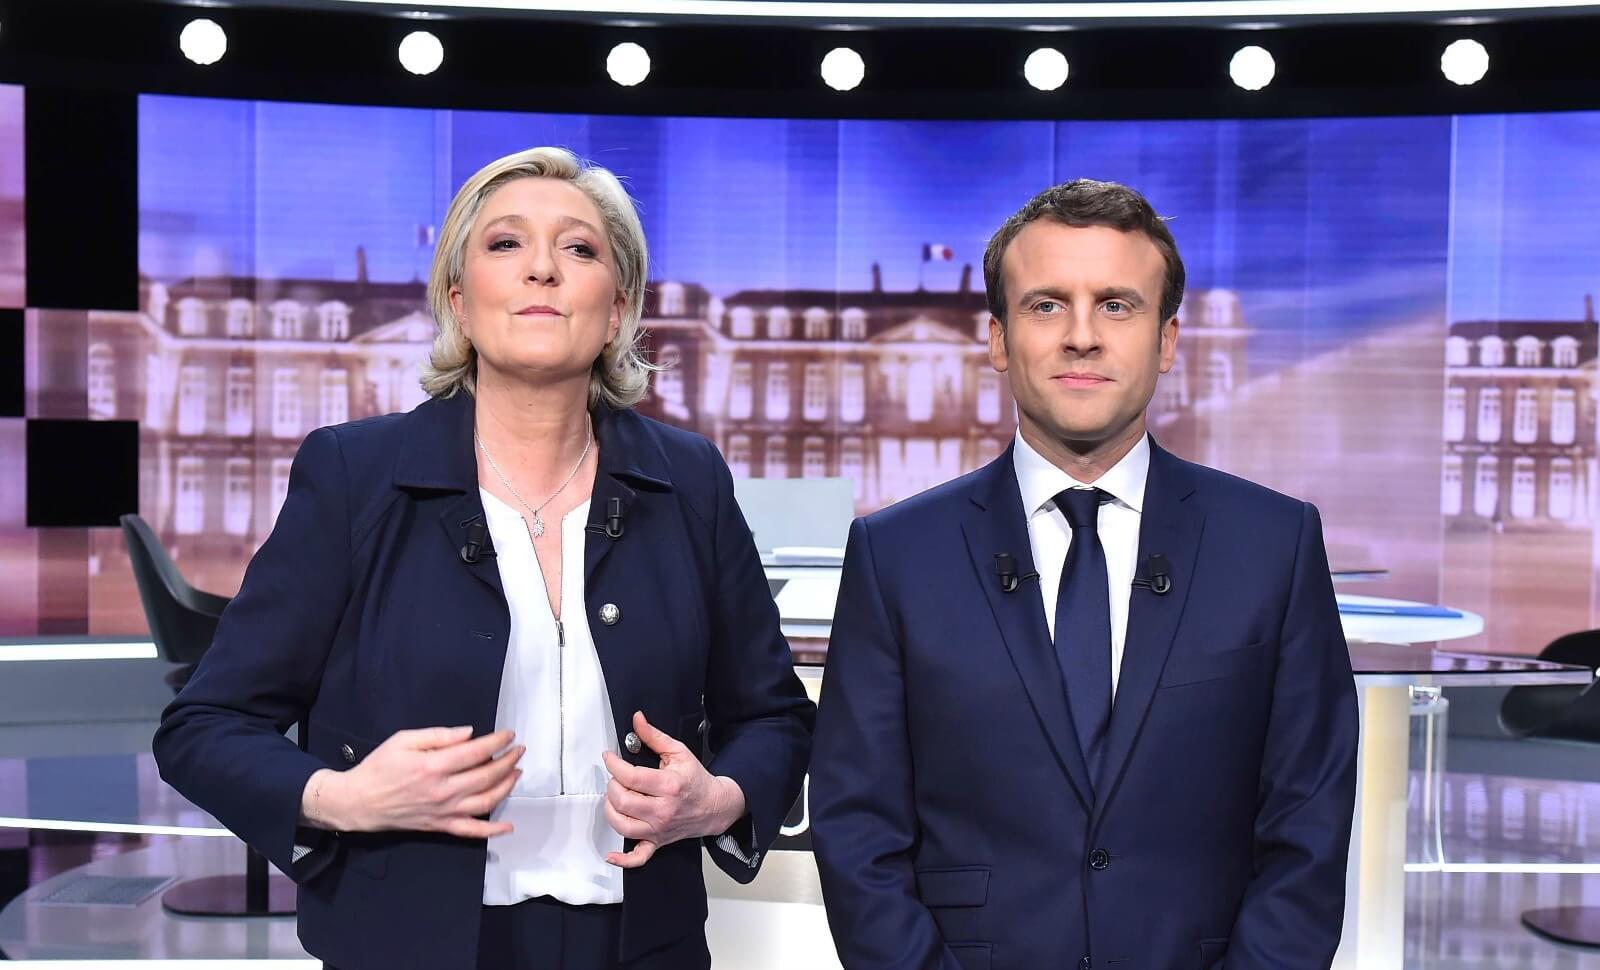 Marine Le Pen et Emmanuel Macron avant le débat de l'entre-deux-tours de la présidentielle 2017. Mai 2017.